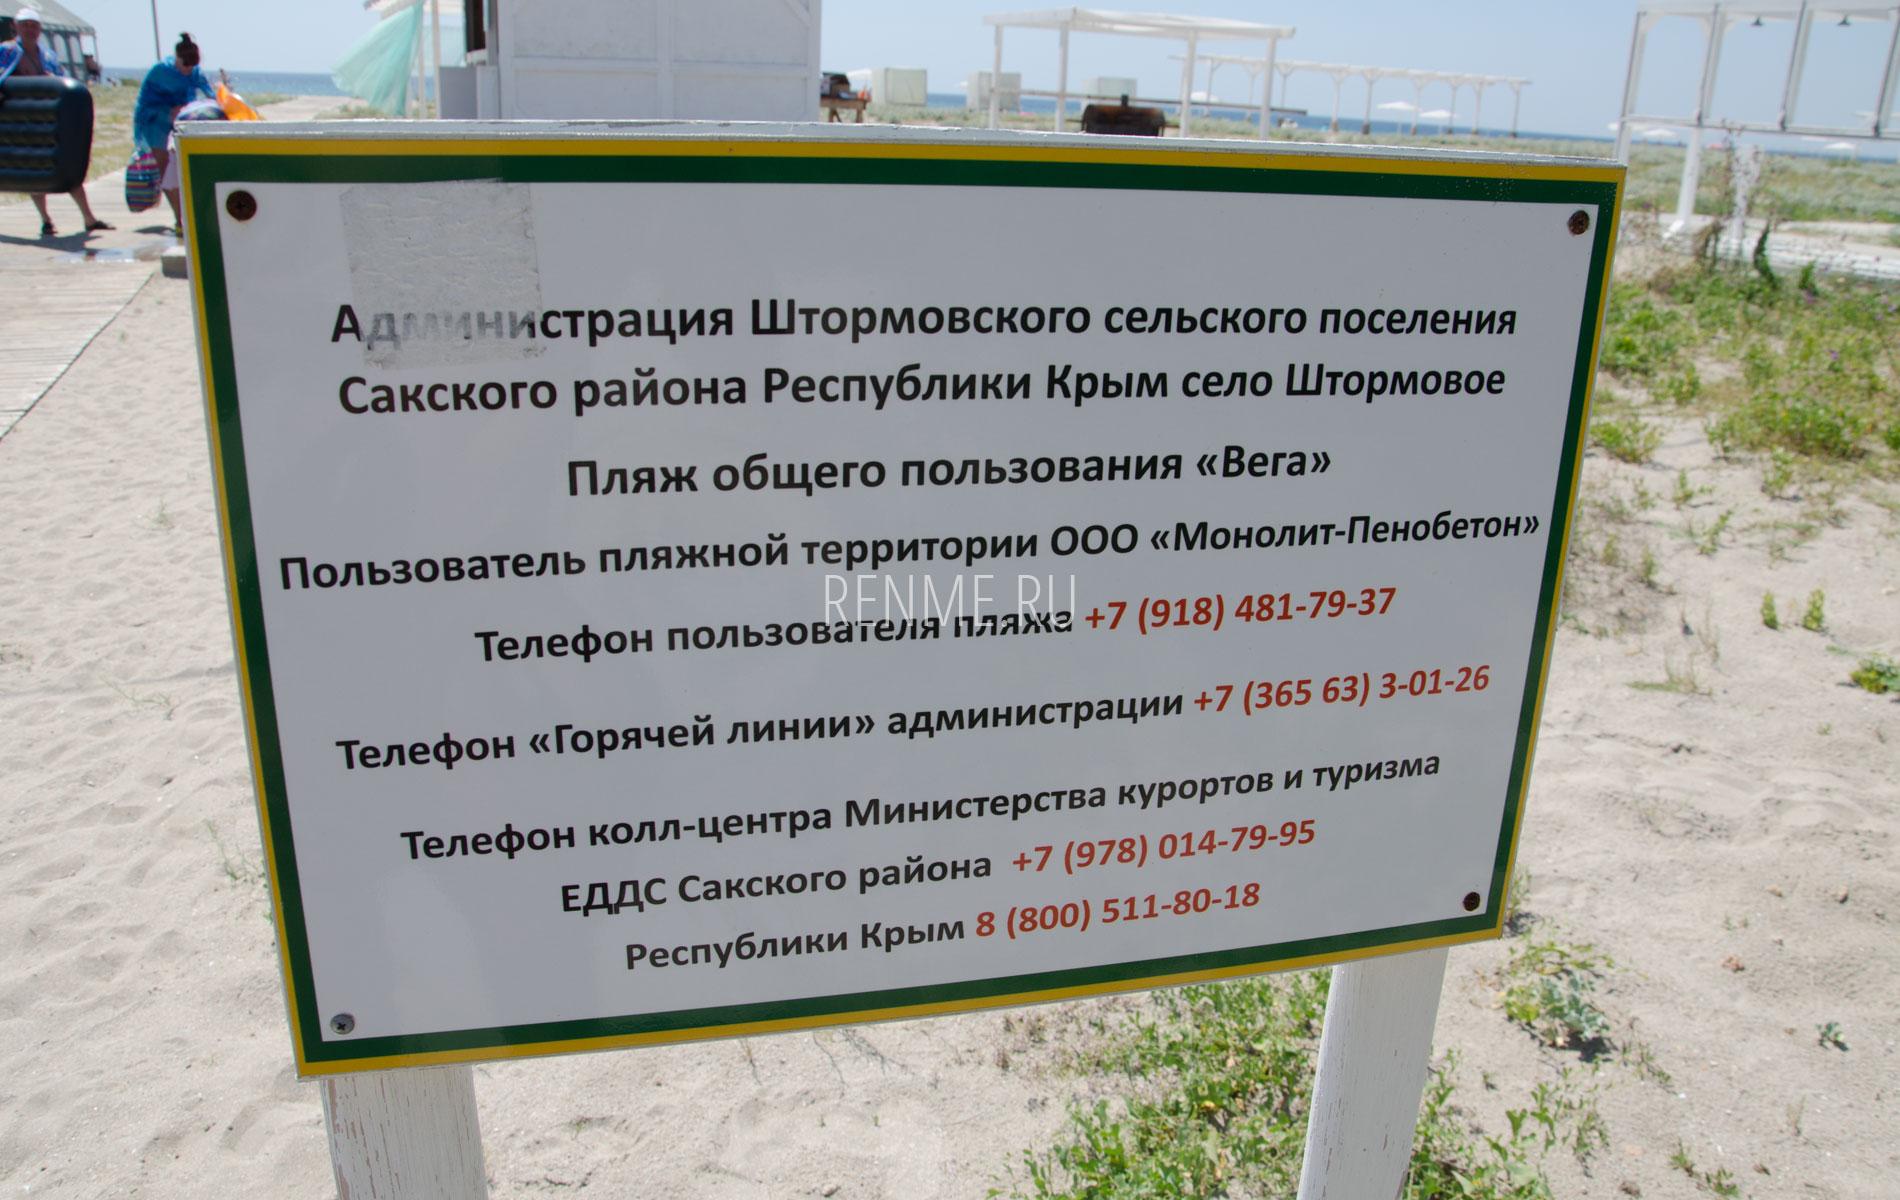 """Пляж общего пользования """"Вега"""". Фото Штормового"""